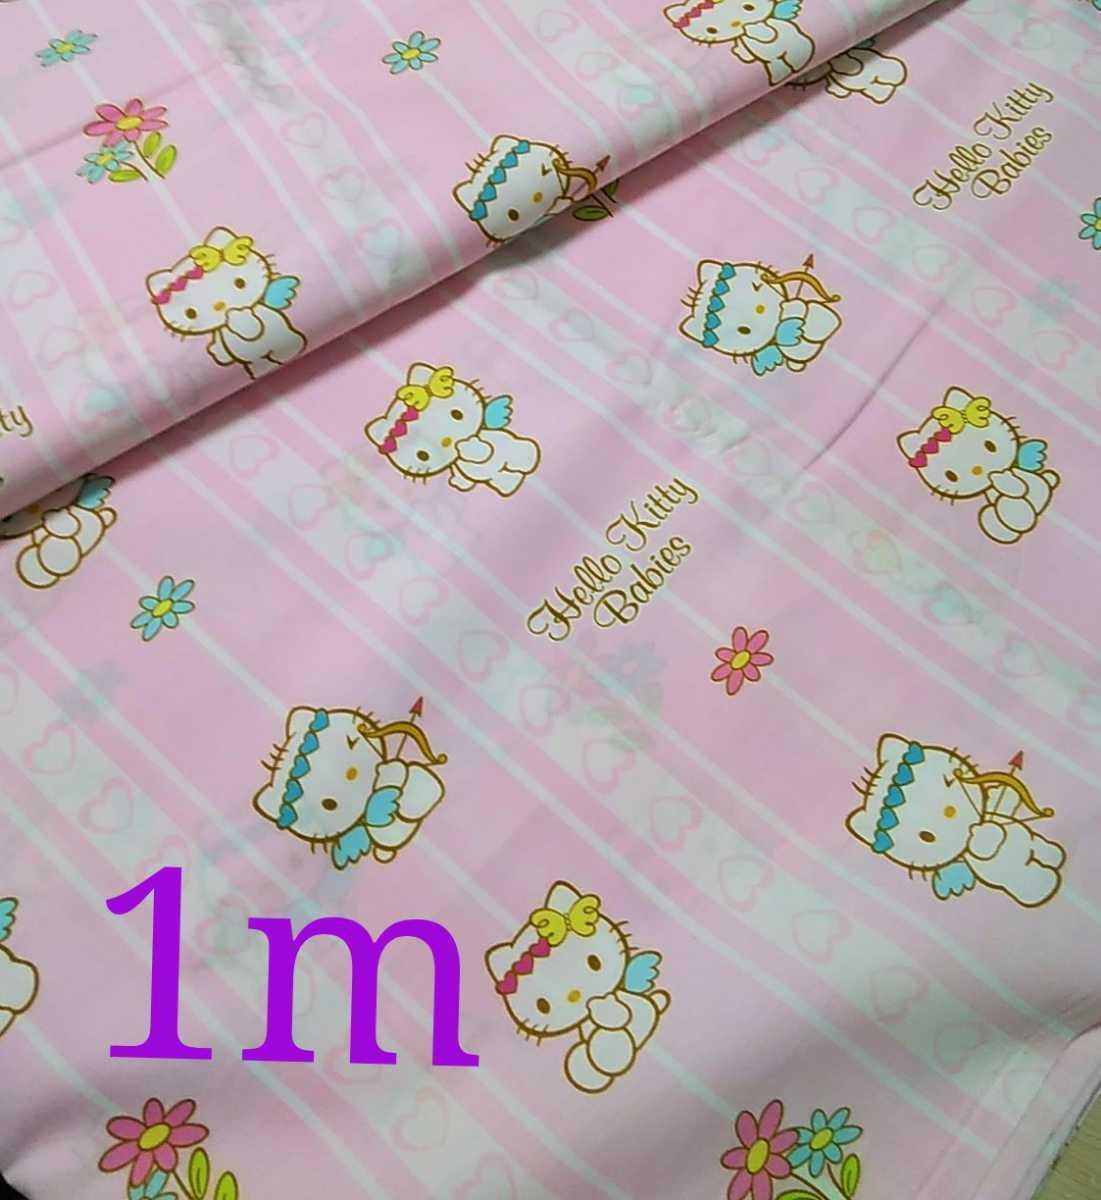 ノンホルマリン加工☆ハローキティ ヘビー ピンク 幅広 綿100% シーチング キティちゃん 生地 サンリオ Hello Kitty Baby